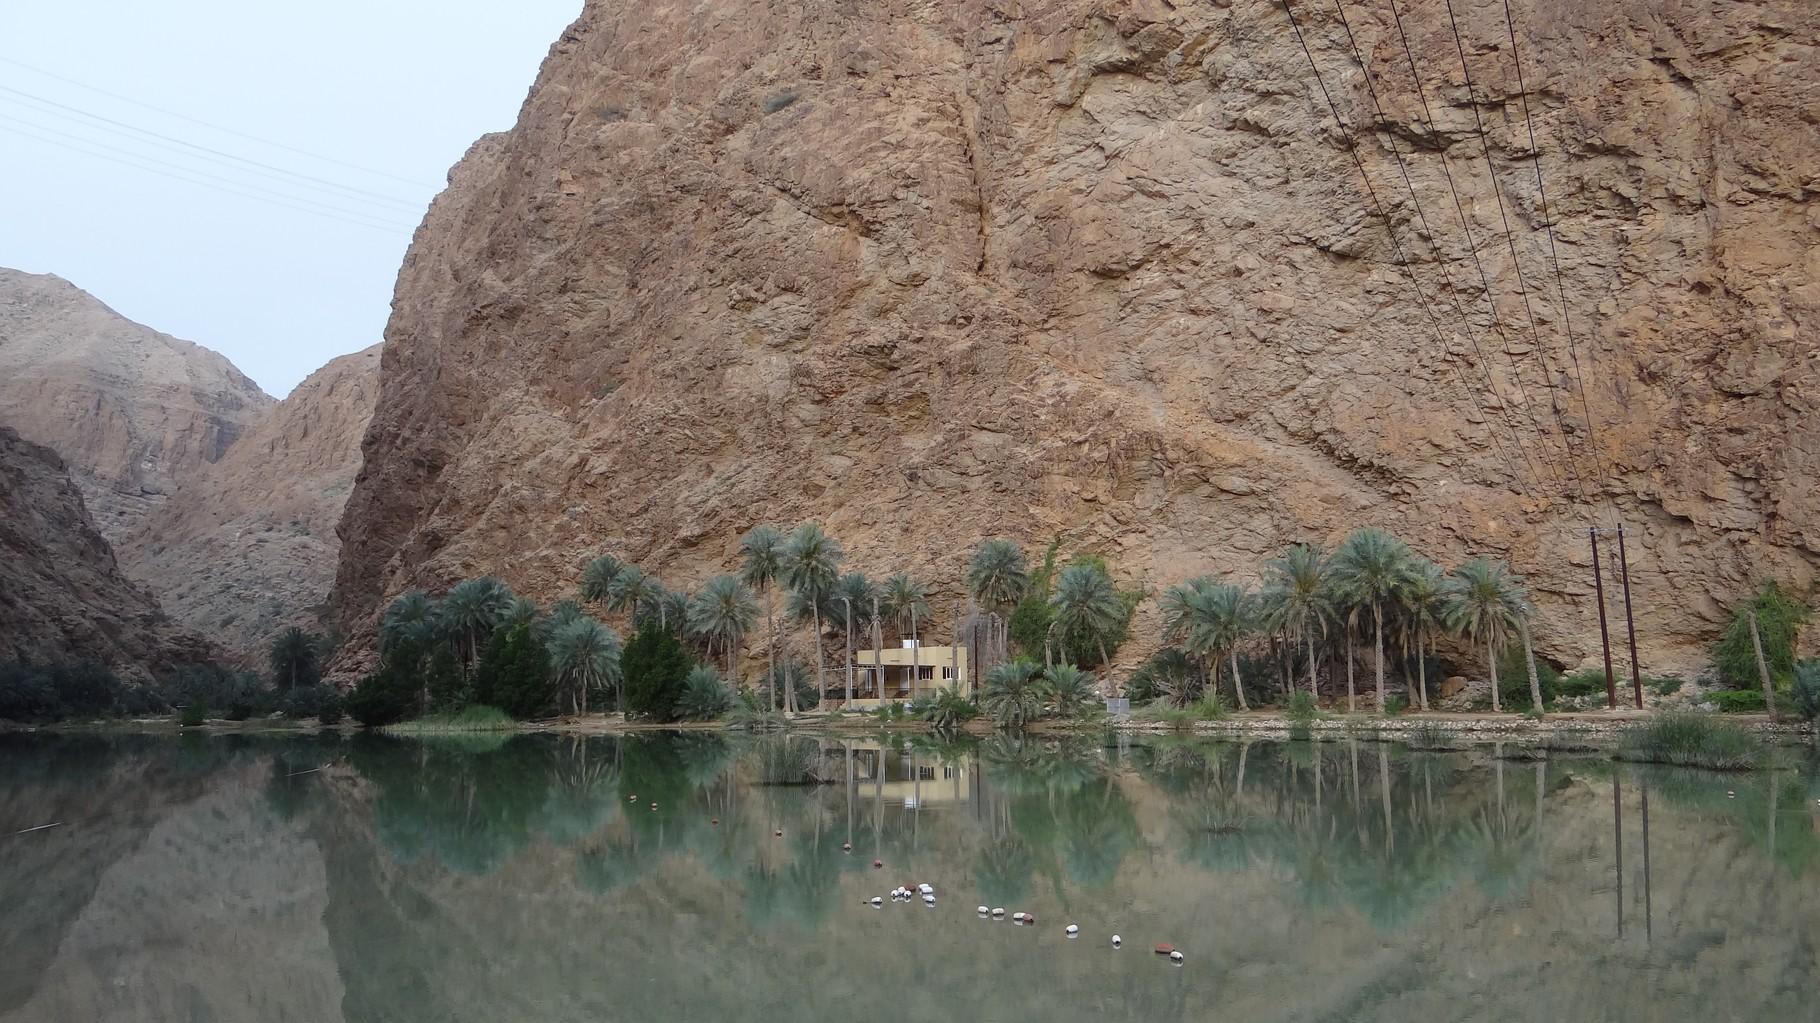 Auf dem Weg zum Wadi Shab muss man zuerst den kleinen Fluss überqueren